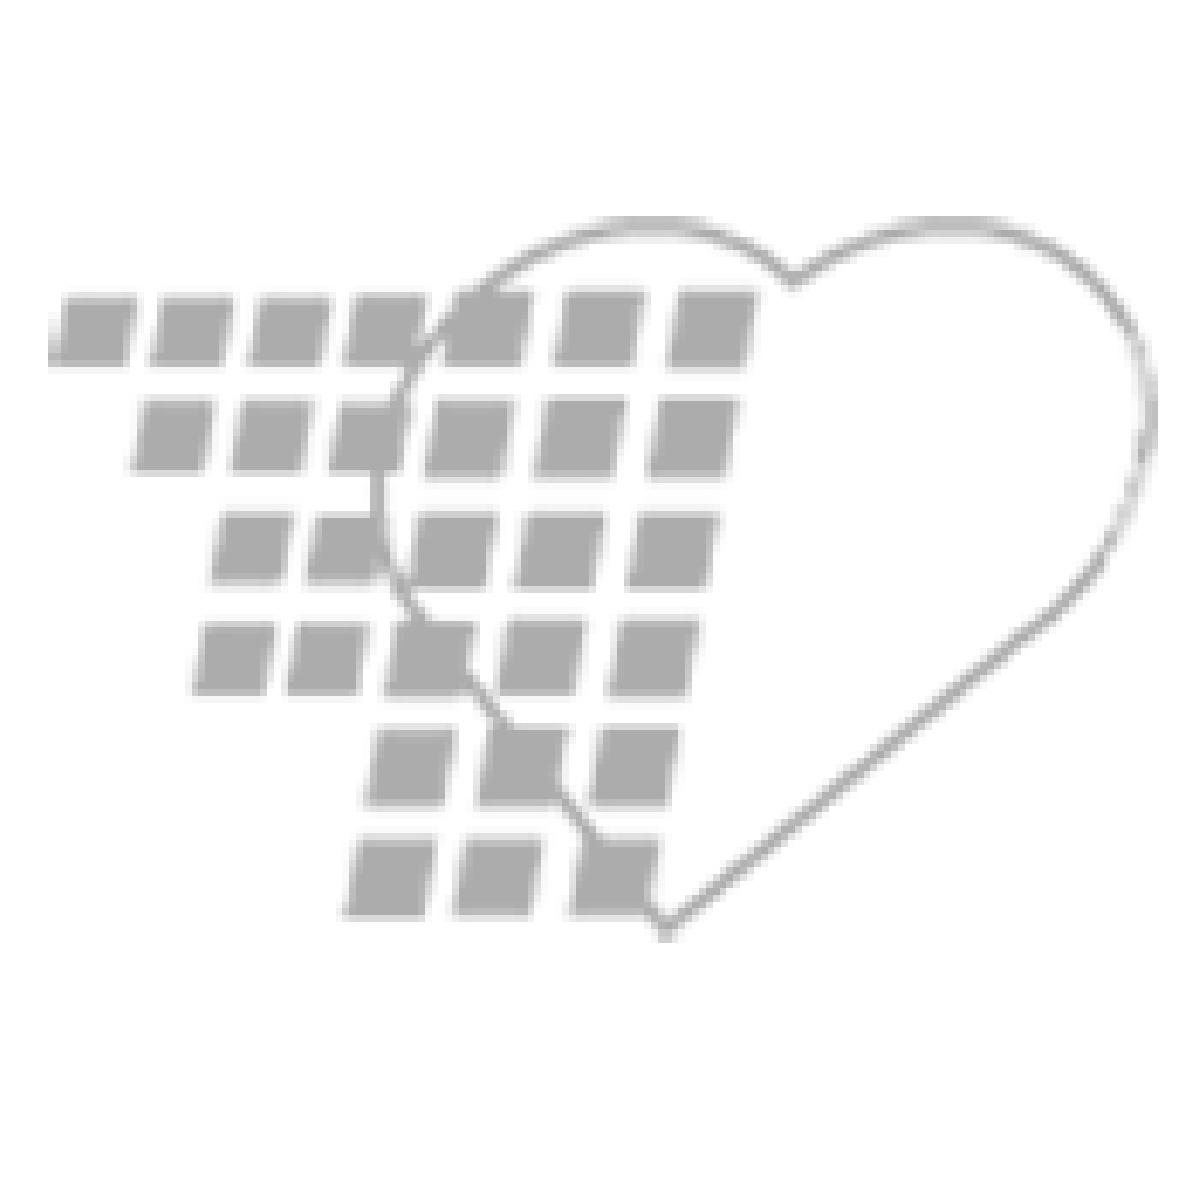 06-93-4101 Demo Dose® Hemabat 1 mL 250 mcg/mL